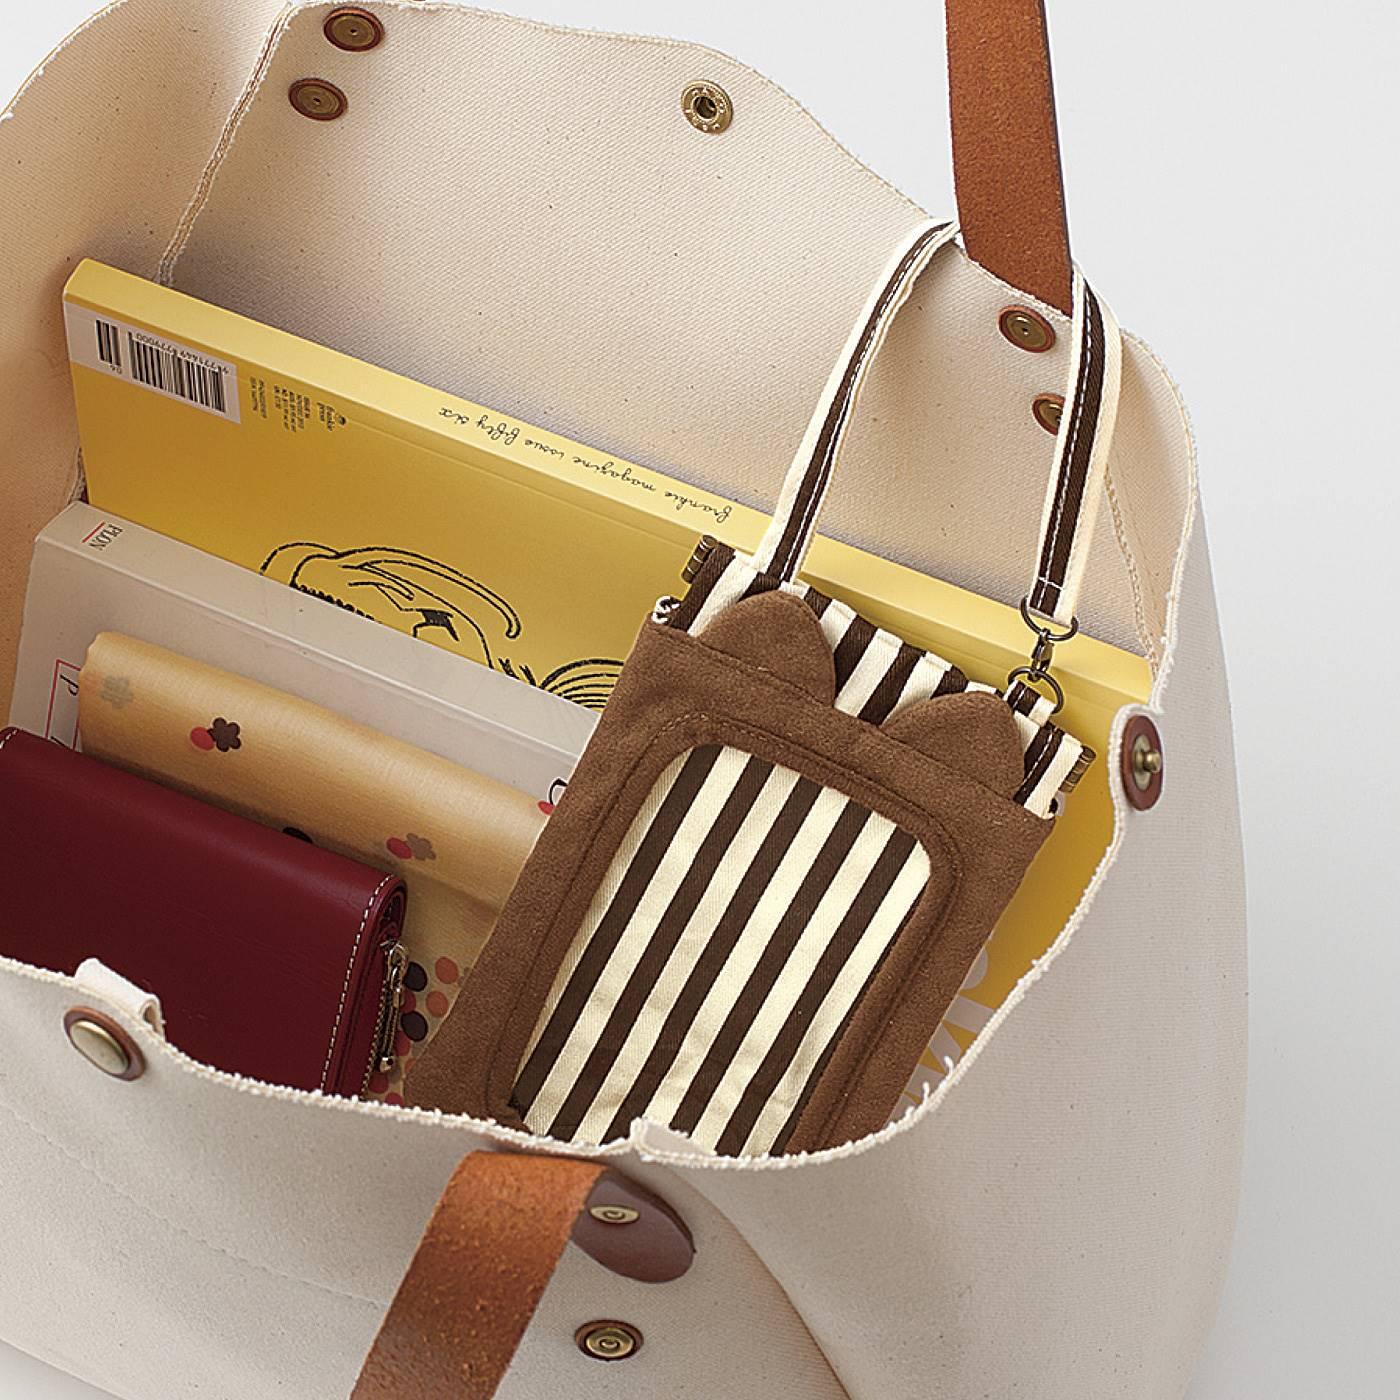 スマートフォンのバッグ内の迷子防止に、持ち手に付けることができます。